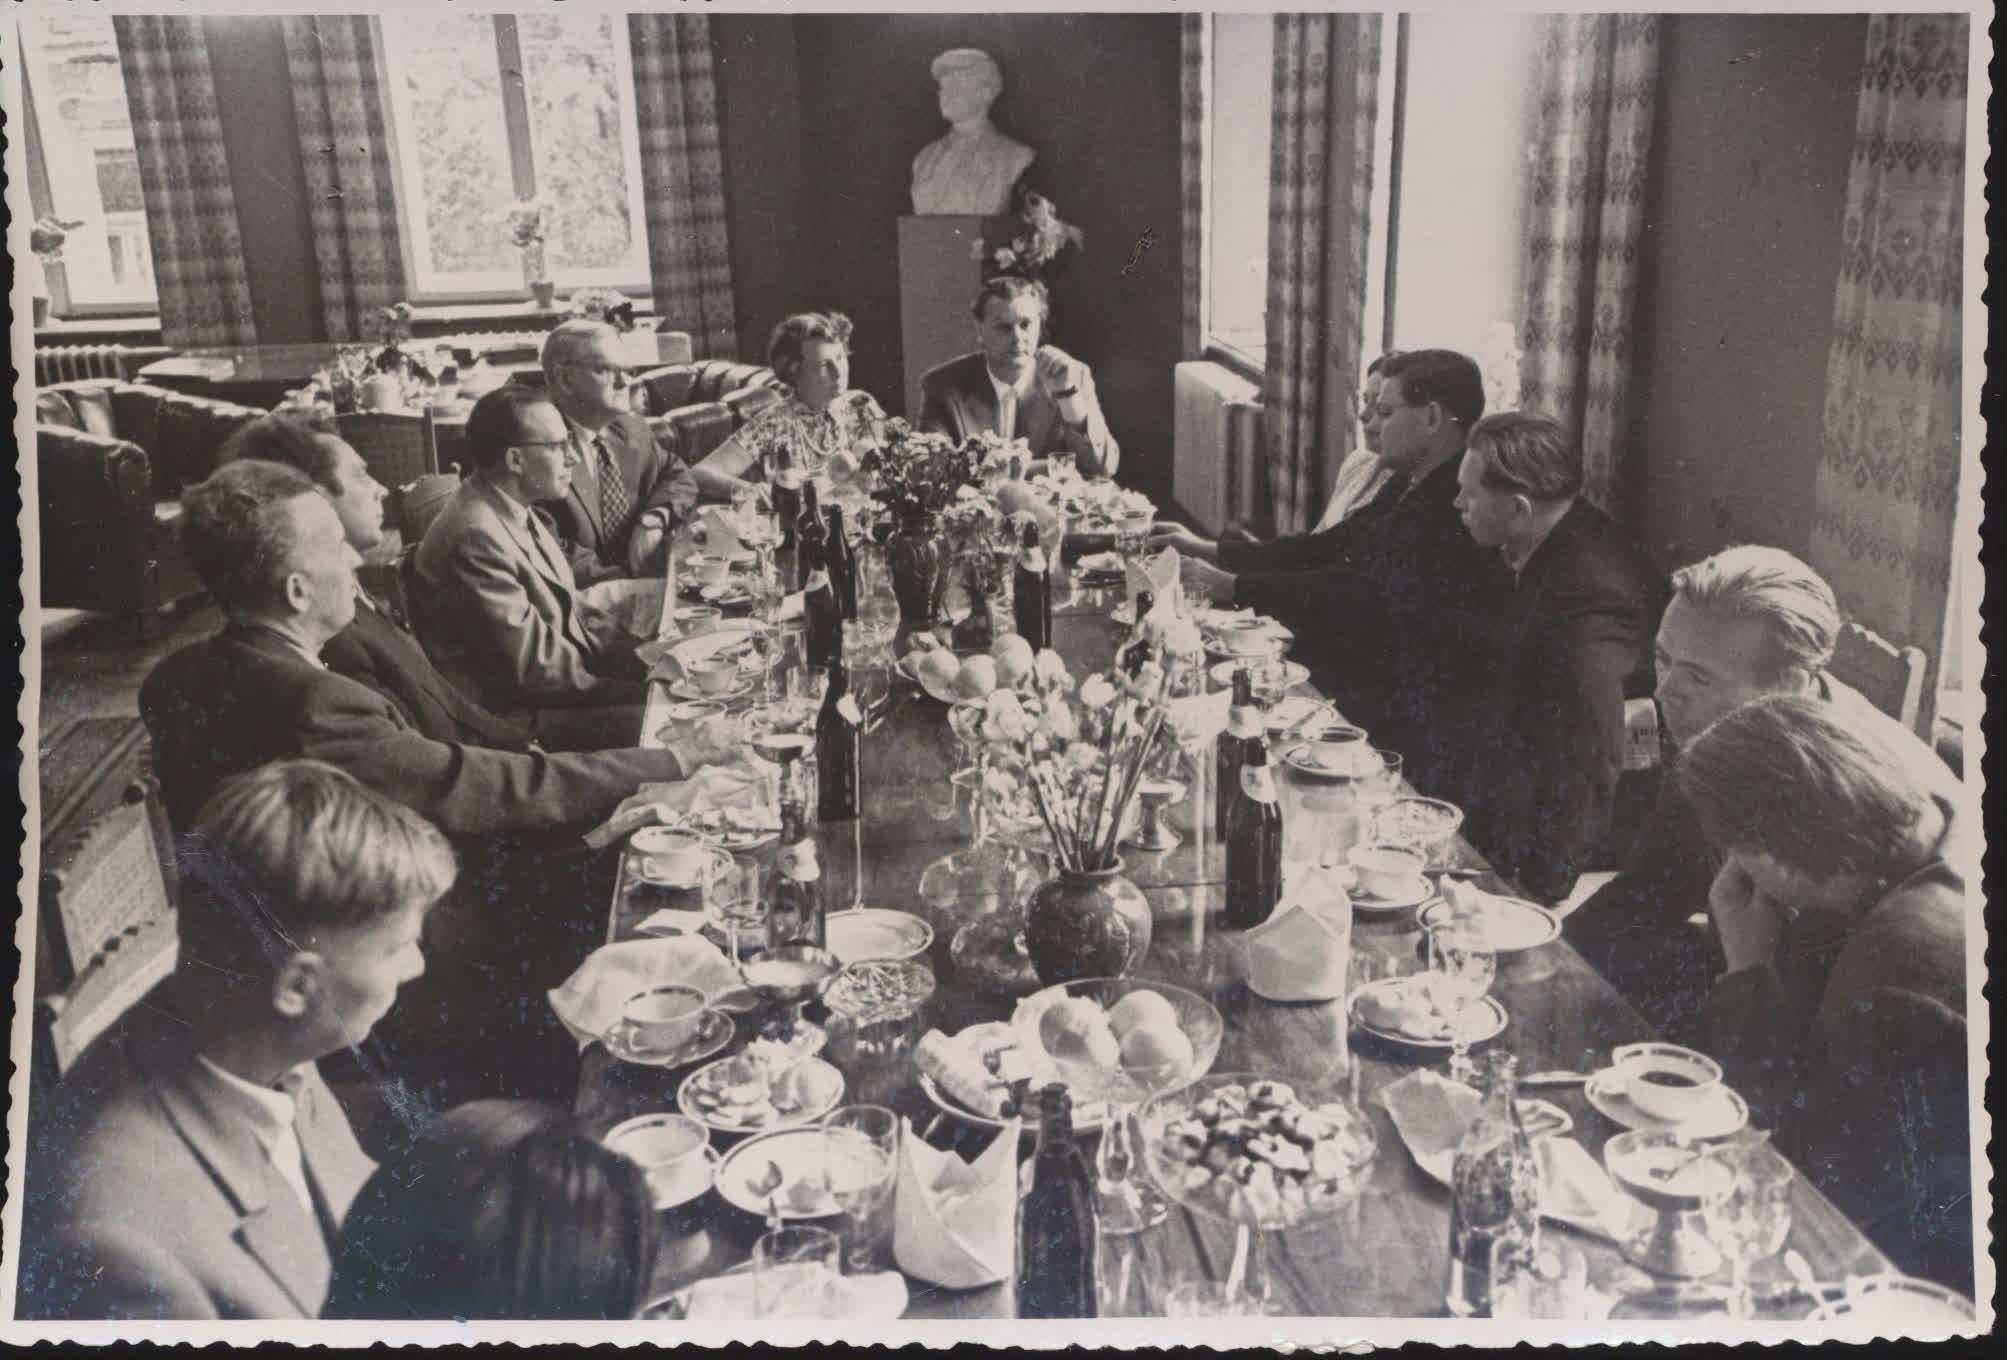 Rašytojo Filipo Bonoskio sutikimas Rašytojų sąjungoje. Šventėje dalyvauja E. Mieželaitis, A. Venclova, K. Korsakas, T. Tilvytis, V. Reimeris ir kt. Apie 1959 m.